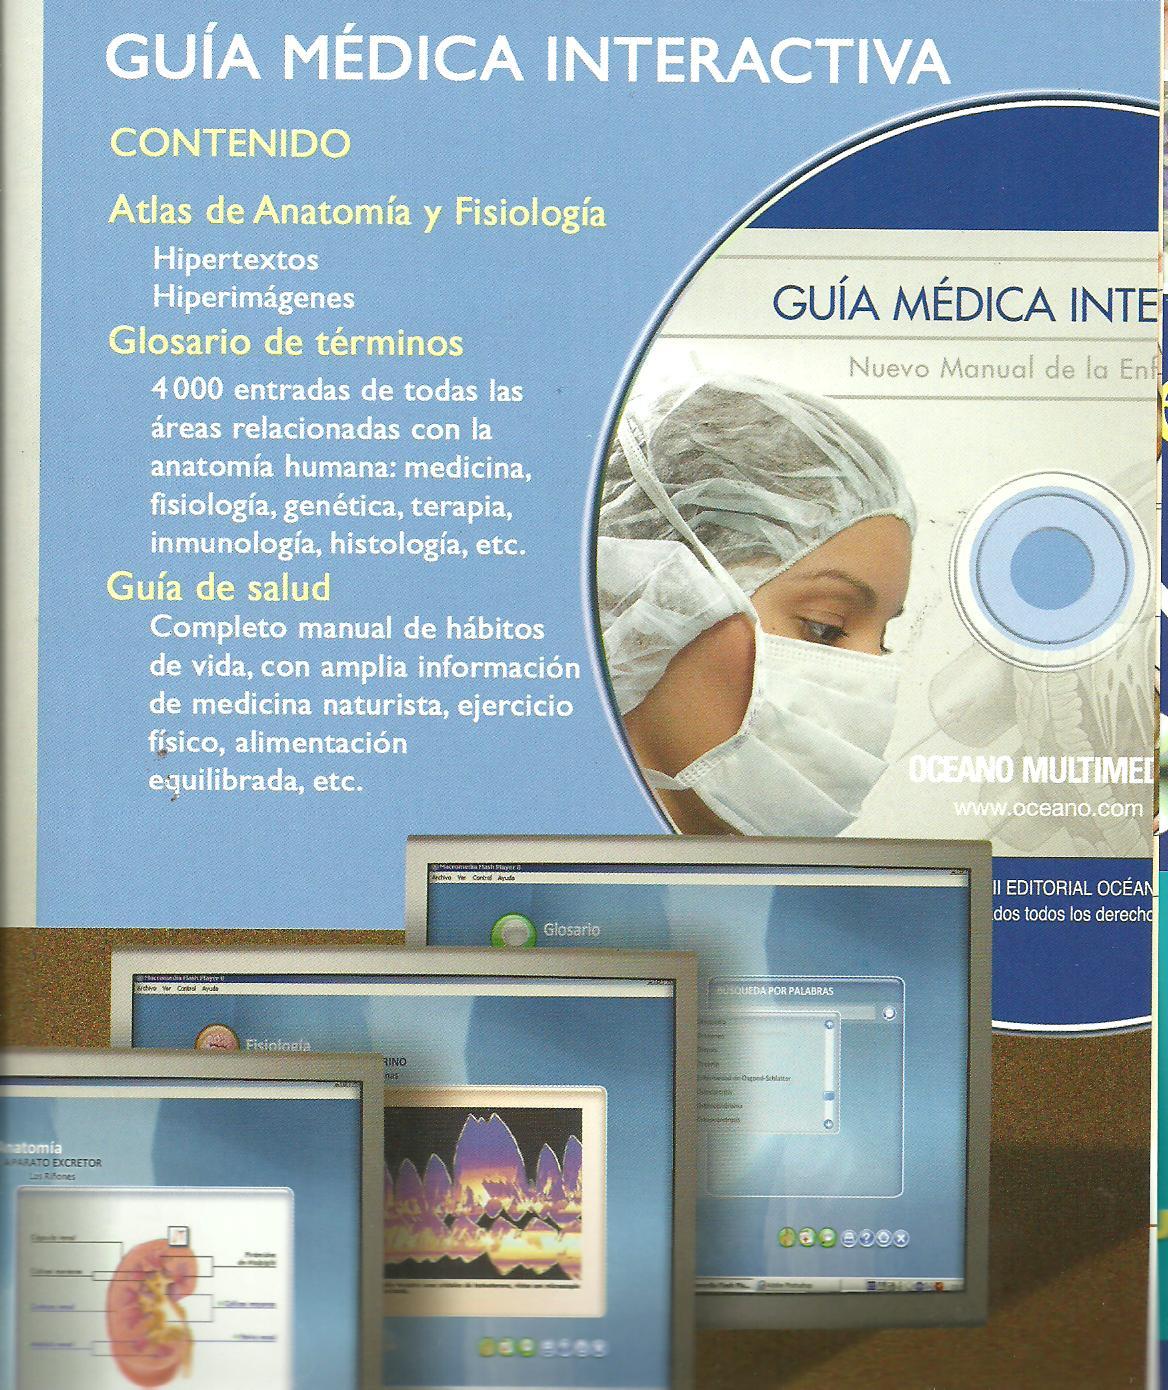 http://4.bp.blogspot.com/_zt_mje7EXjk/TKeISGKjkPI/AAAAAAAABXg/NG_o0sHqxi4/s1600/oceano+Nuevo+manual+de+la+enfermería+Cd-rom+guía+medica+interactiva.jpg